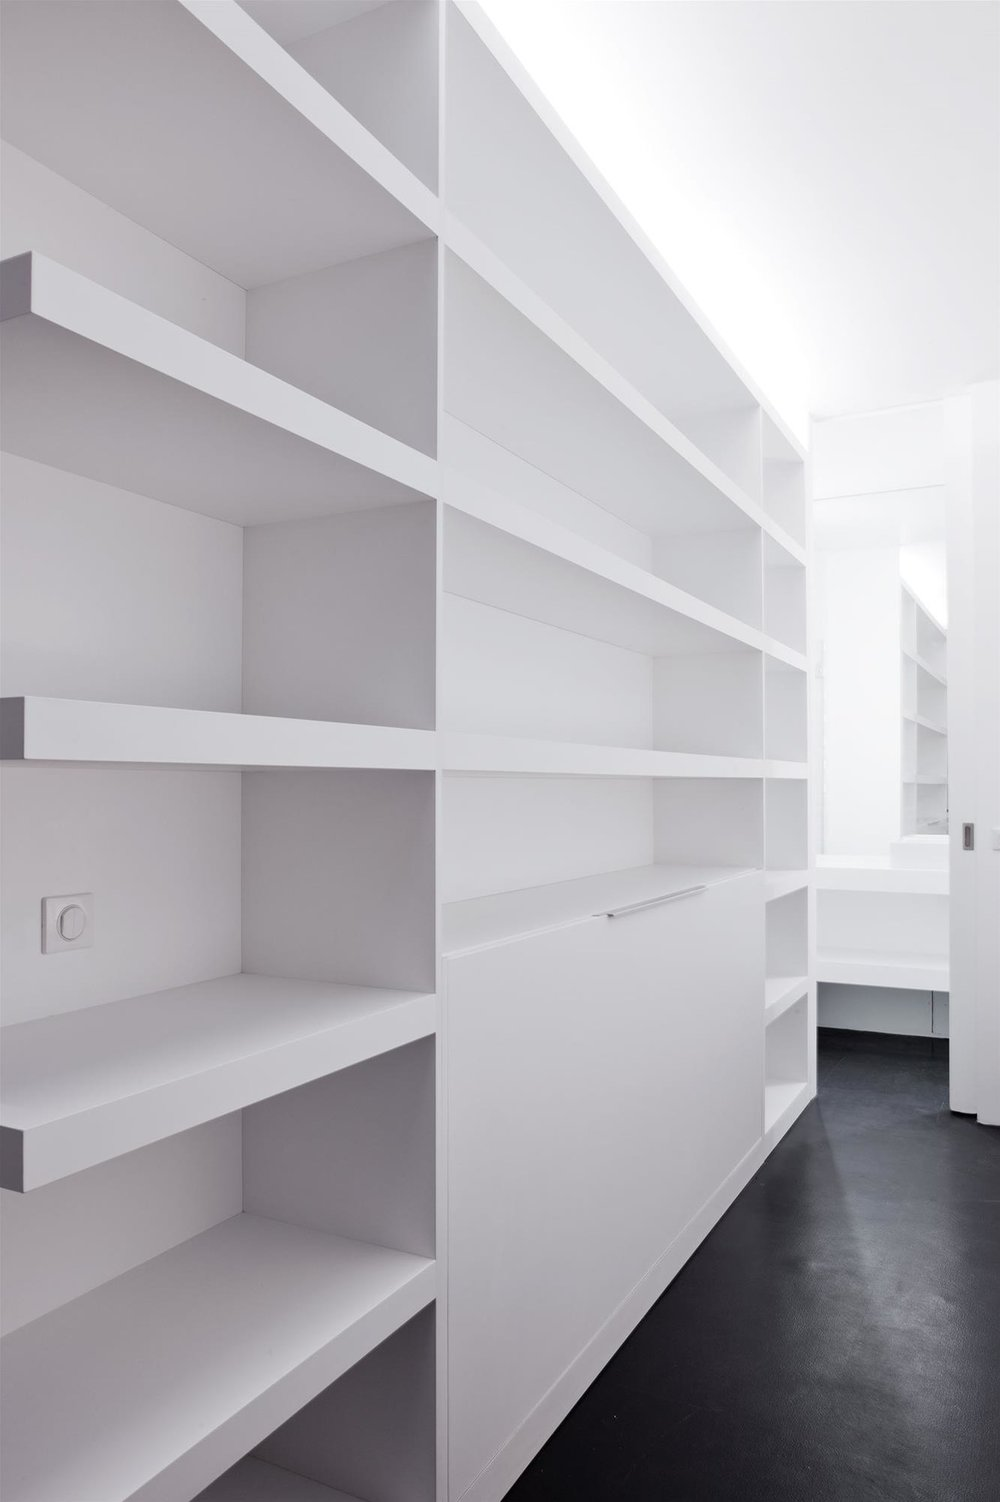 atelier_stefan_lubrina_interior_agencement_sur_mesure.jpg